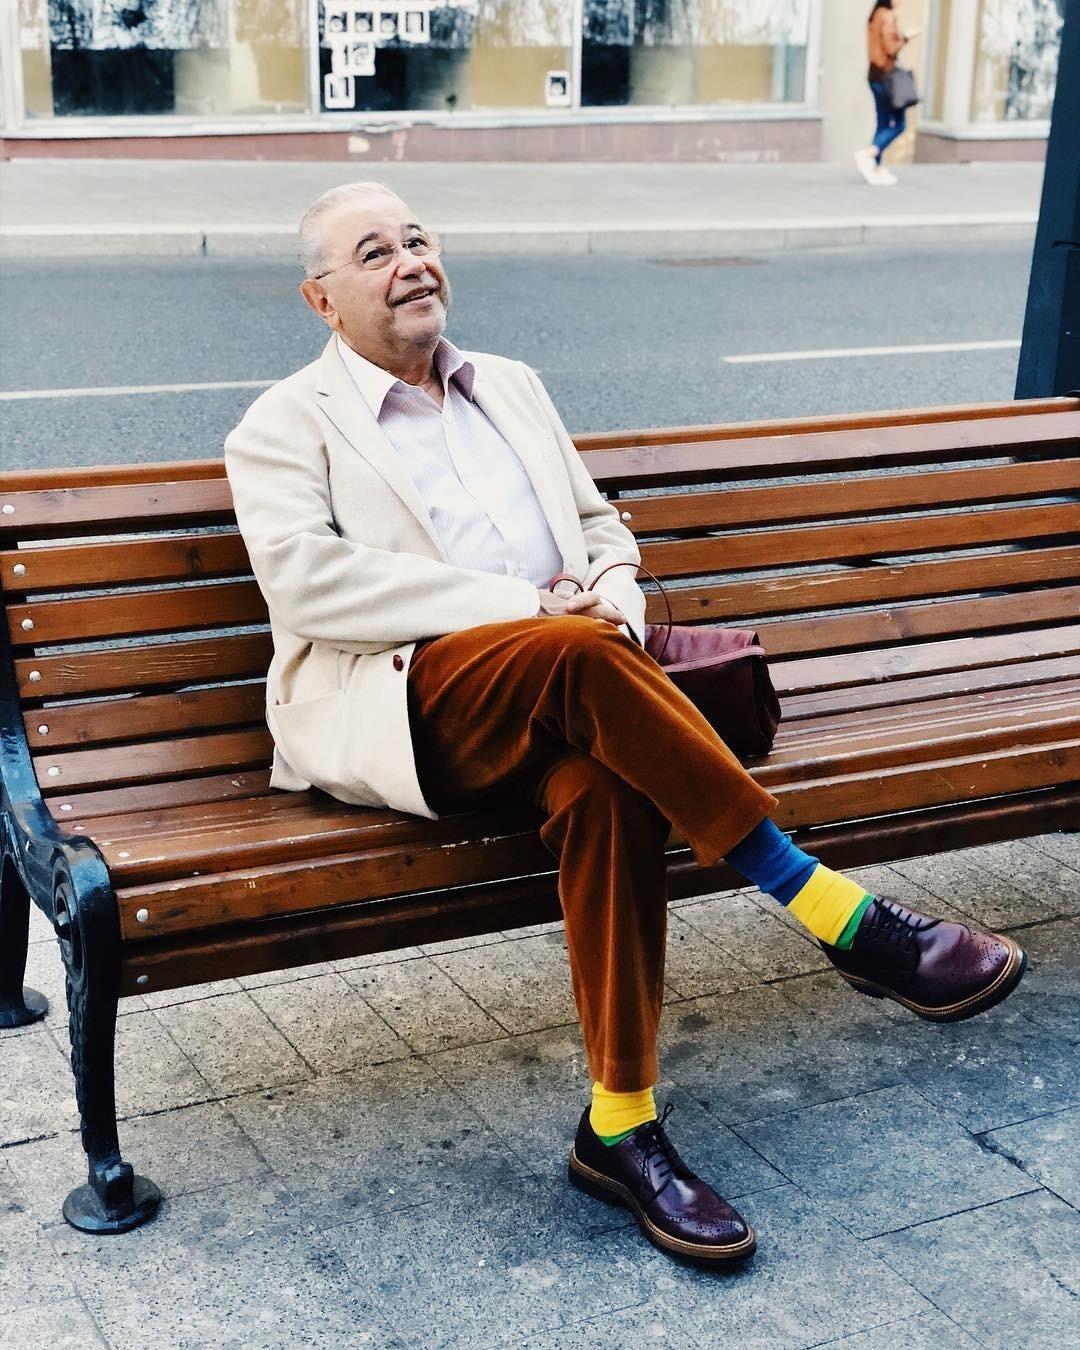 Нашу подборку открывает один изсамых ярких образов Евгения Вагановича. Длятеплого осеннего дня артист выбрал вельветовые брюки цвета охры, кипенно-белую рубашку изорганического хлопка...